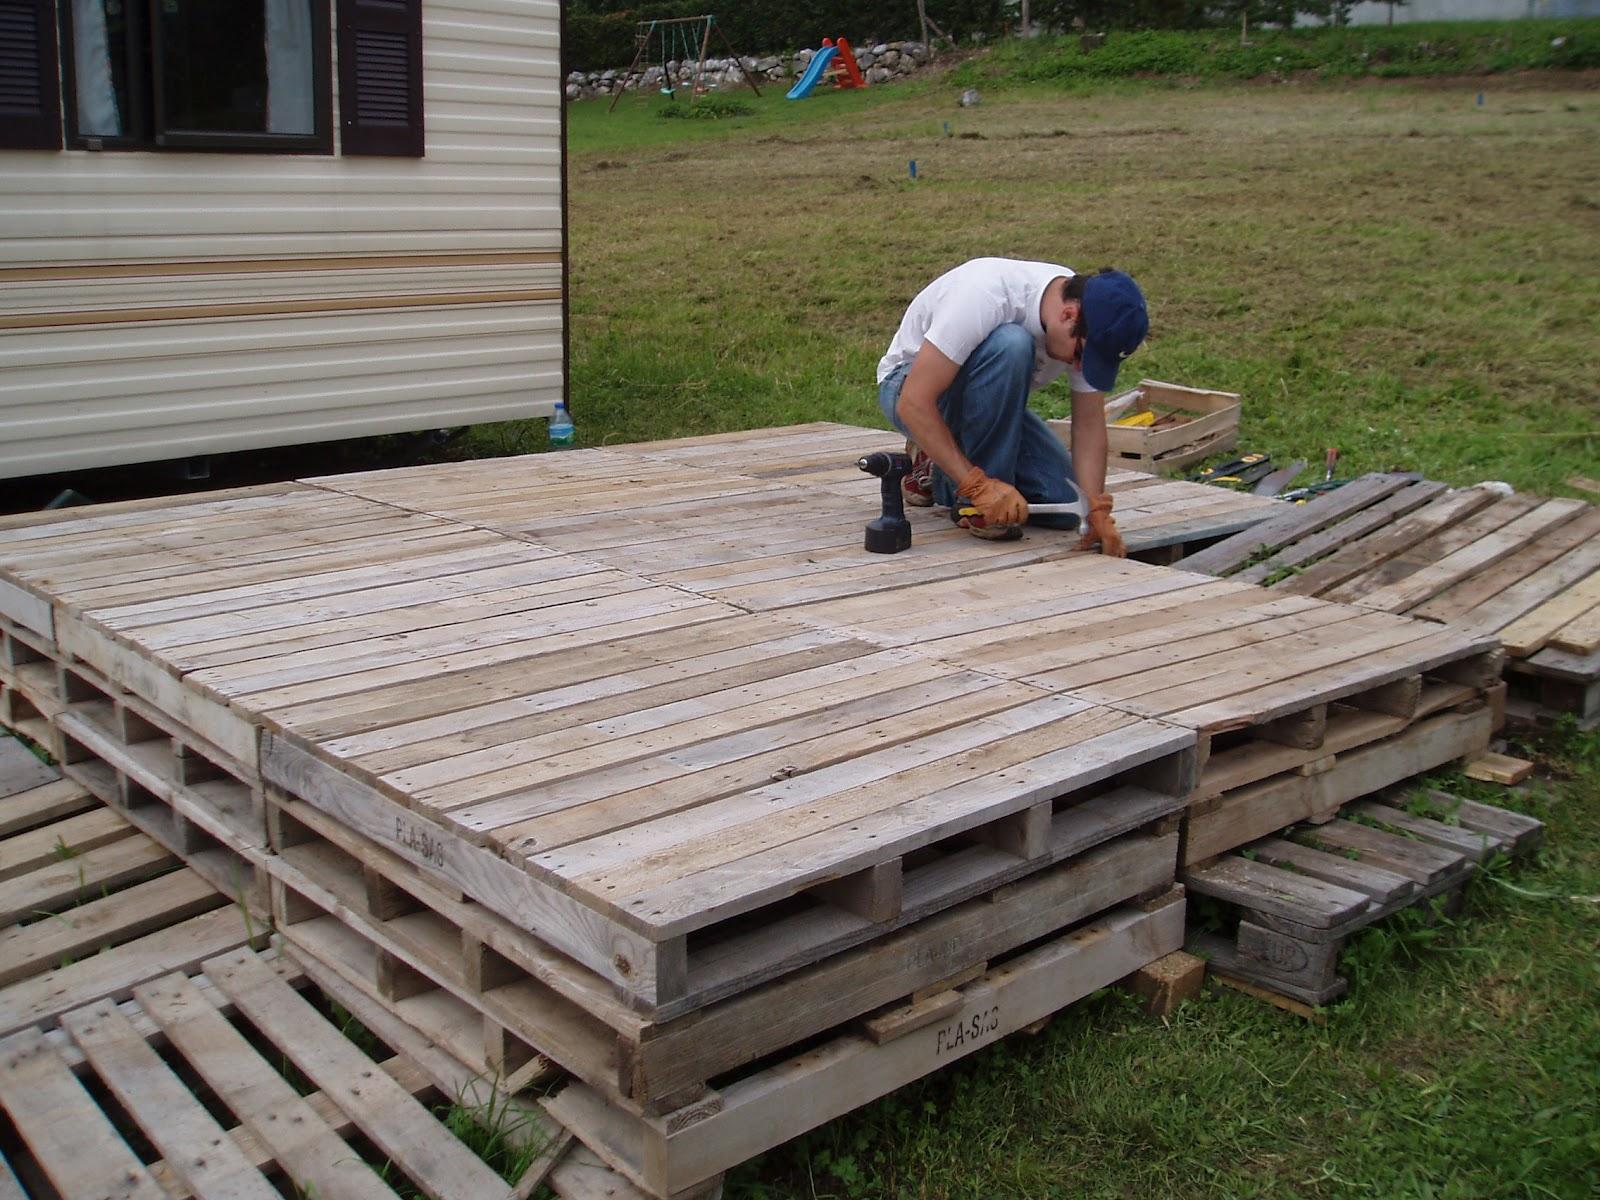 MOB au pays du reblochon Inauguration de la terrasse